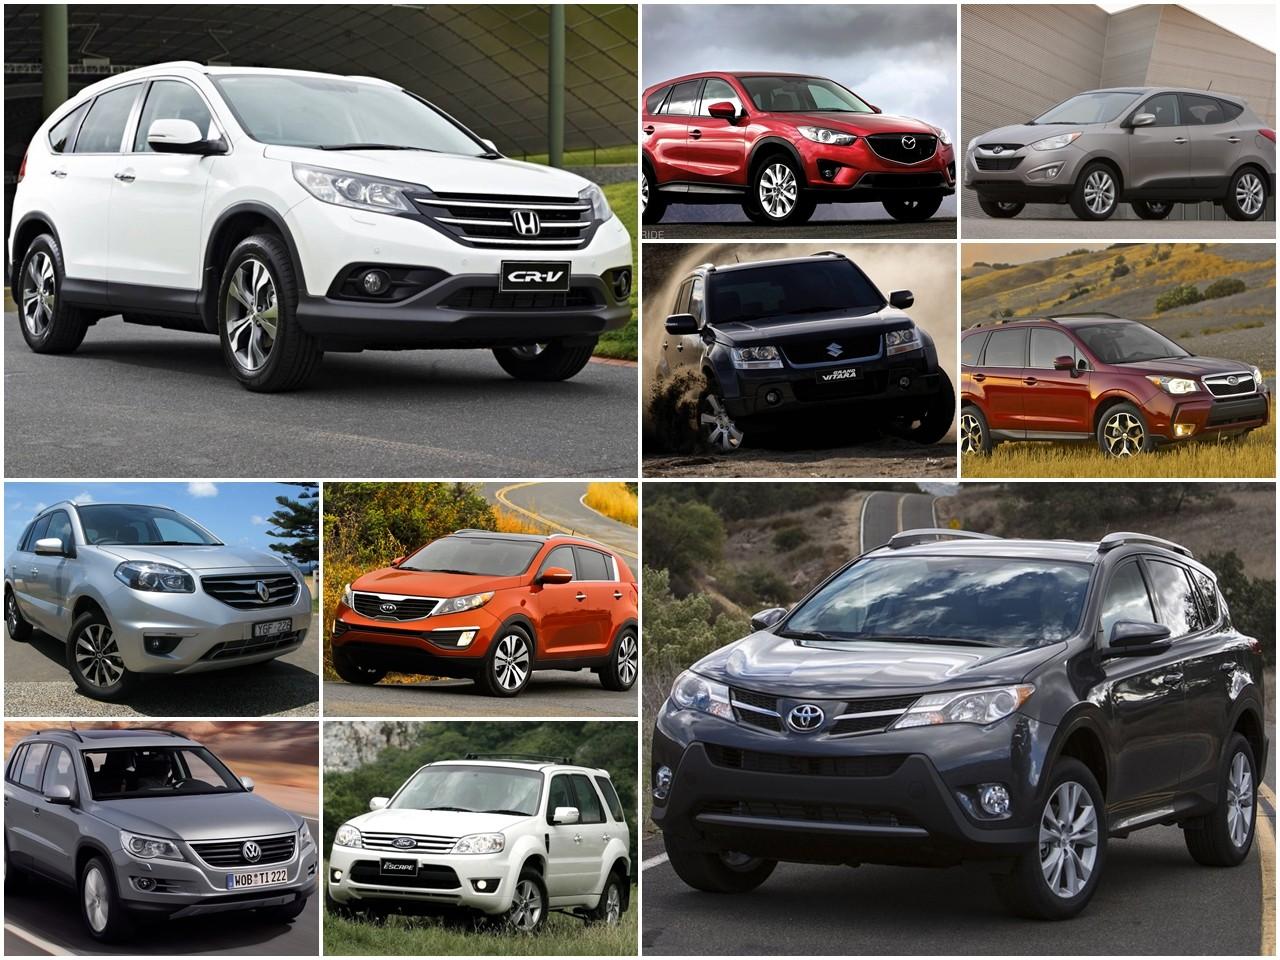 Cạnh tranh ngành ô tô khốc liệt với nhiều thương hiệu khác nhau